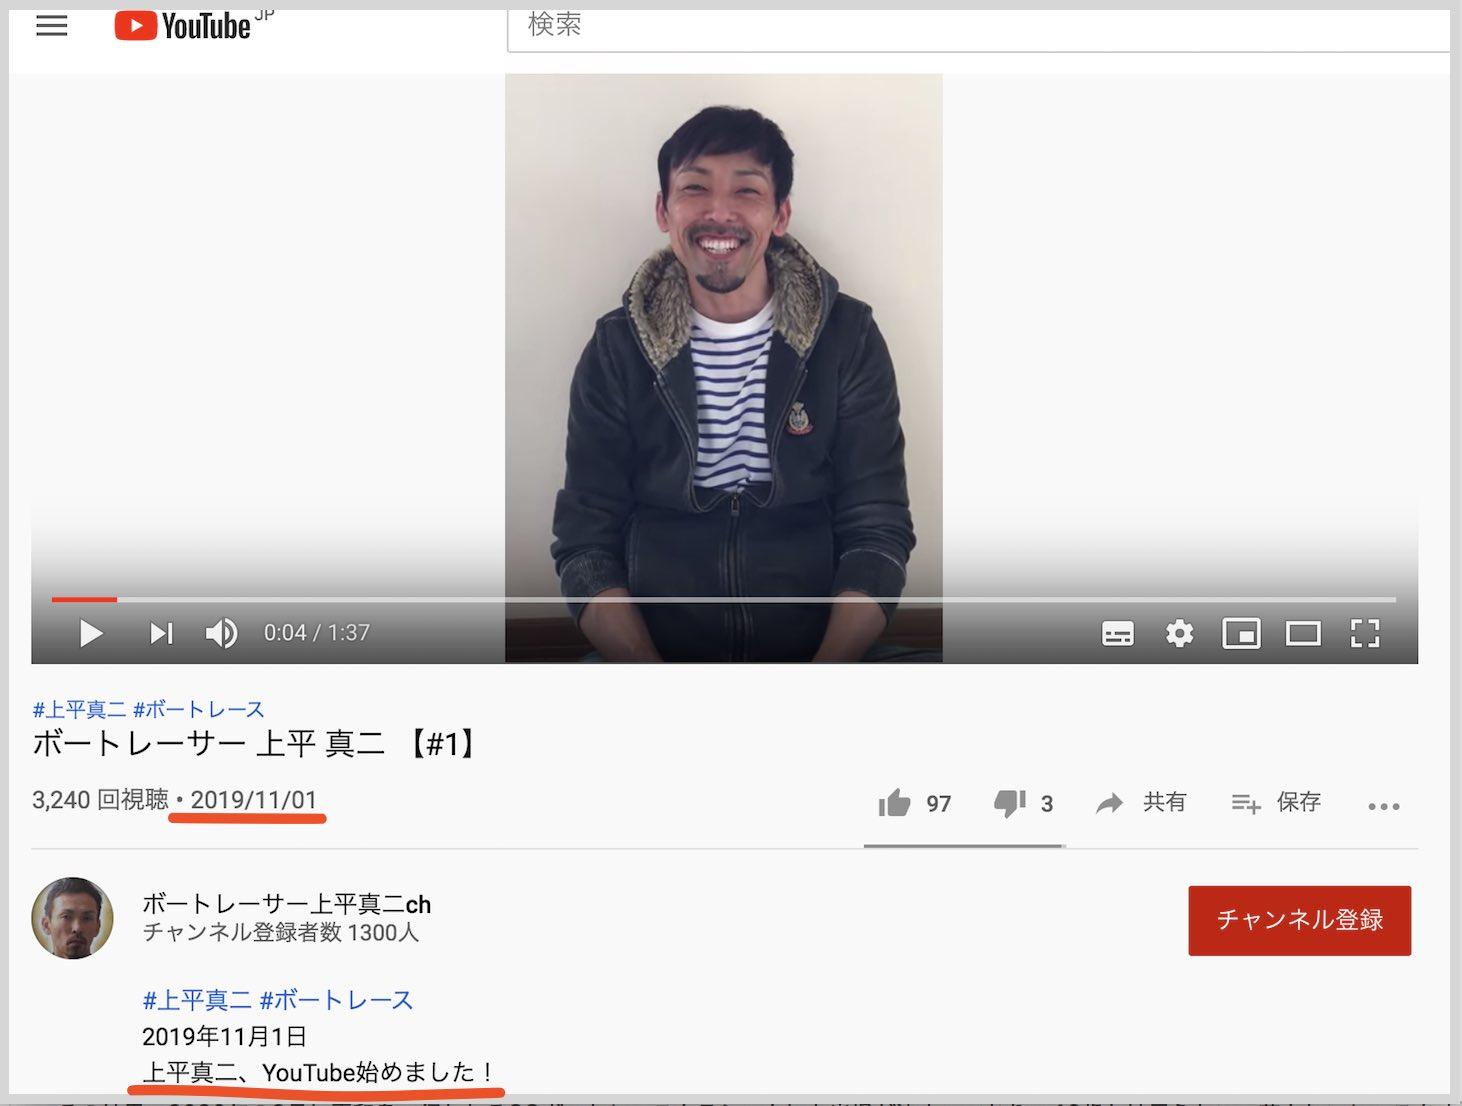 ボートレーサー上平真二のYouTube動画【第1回】